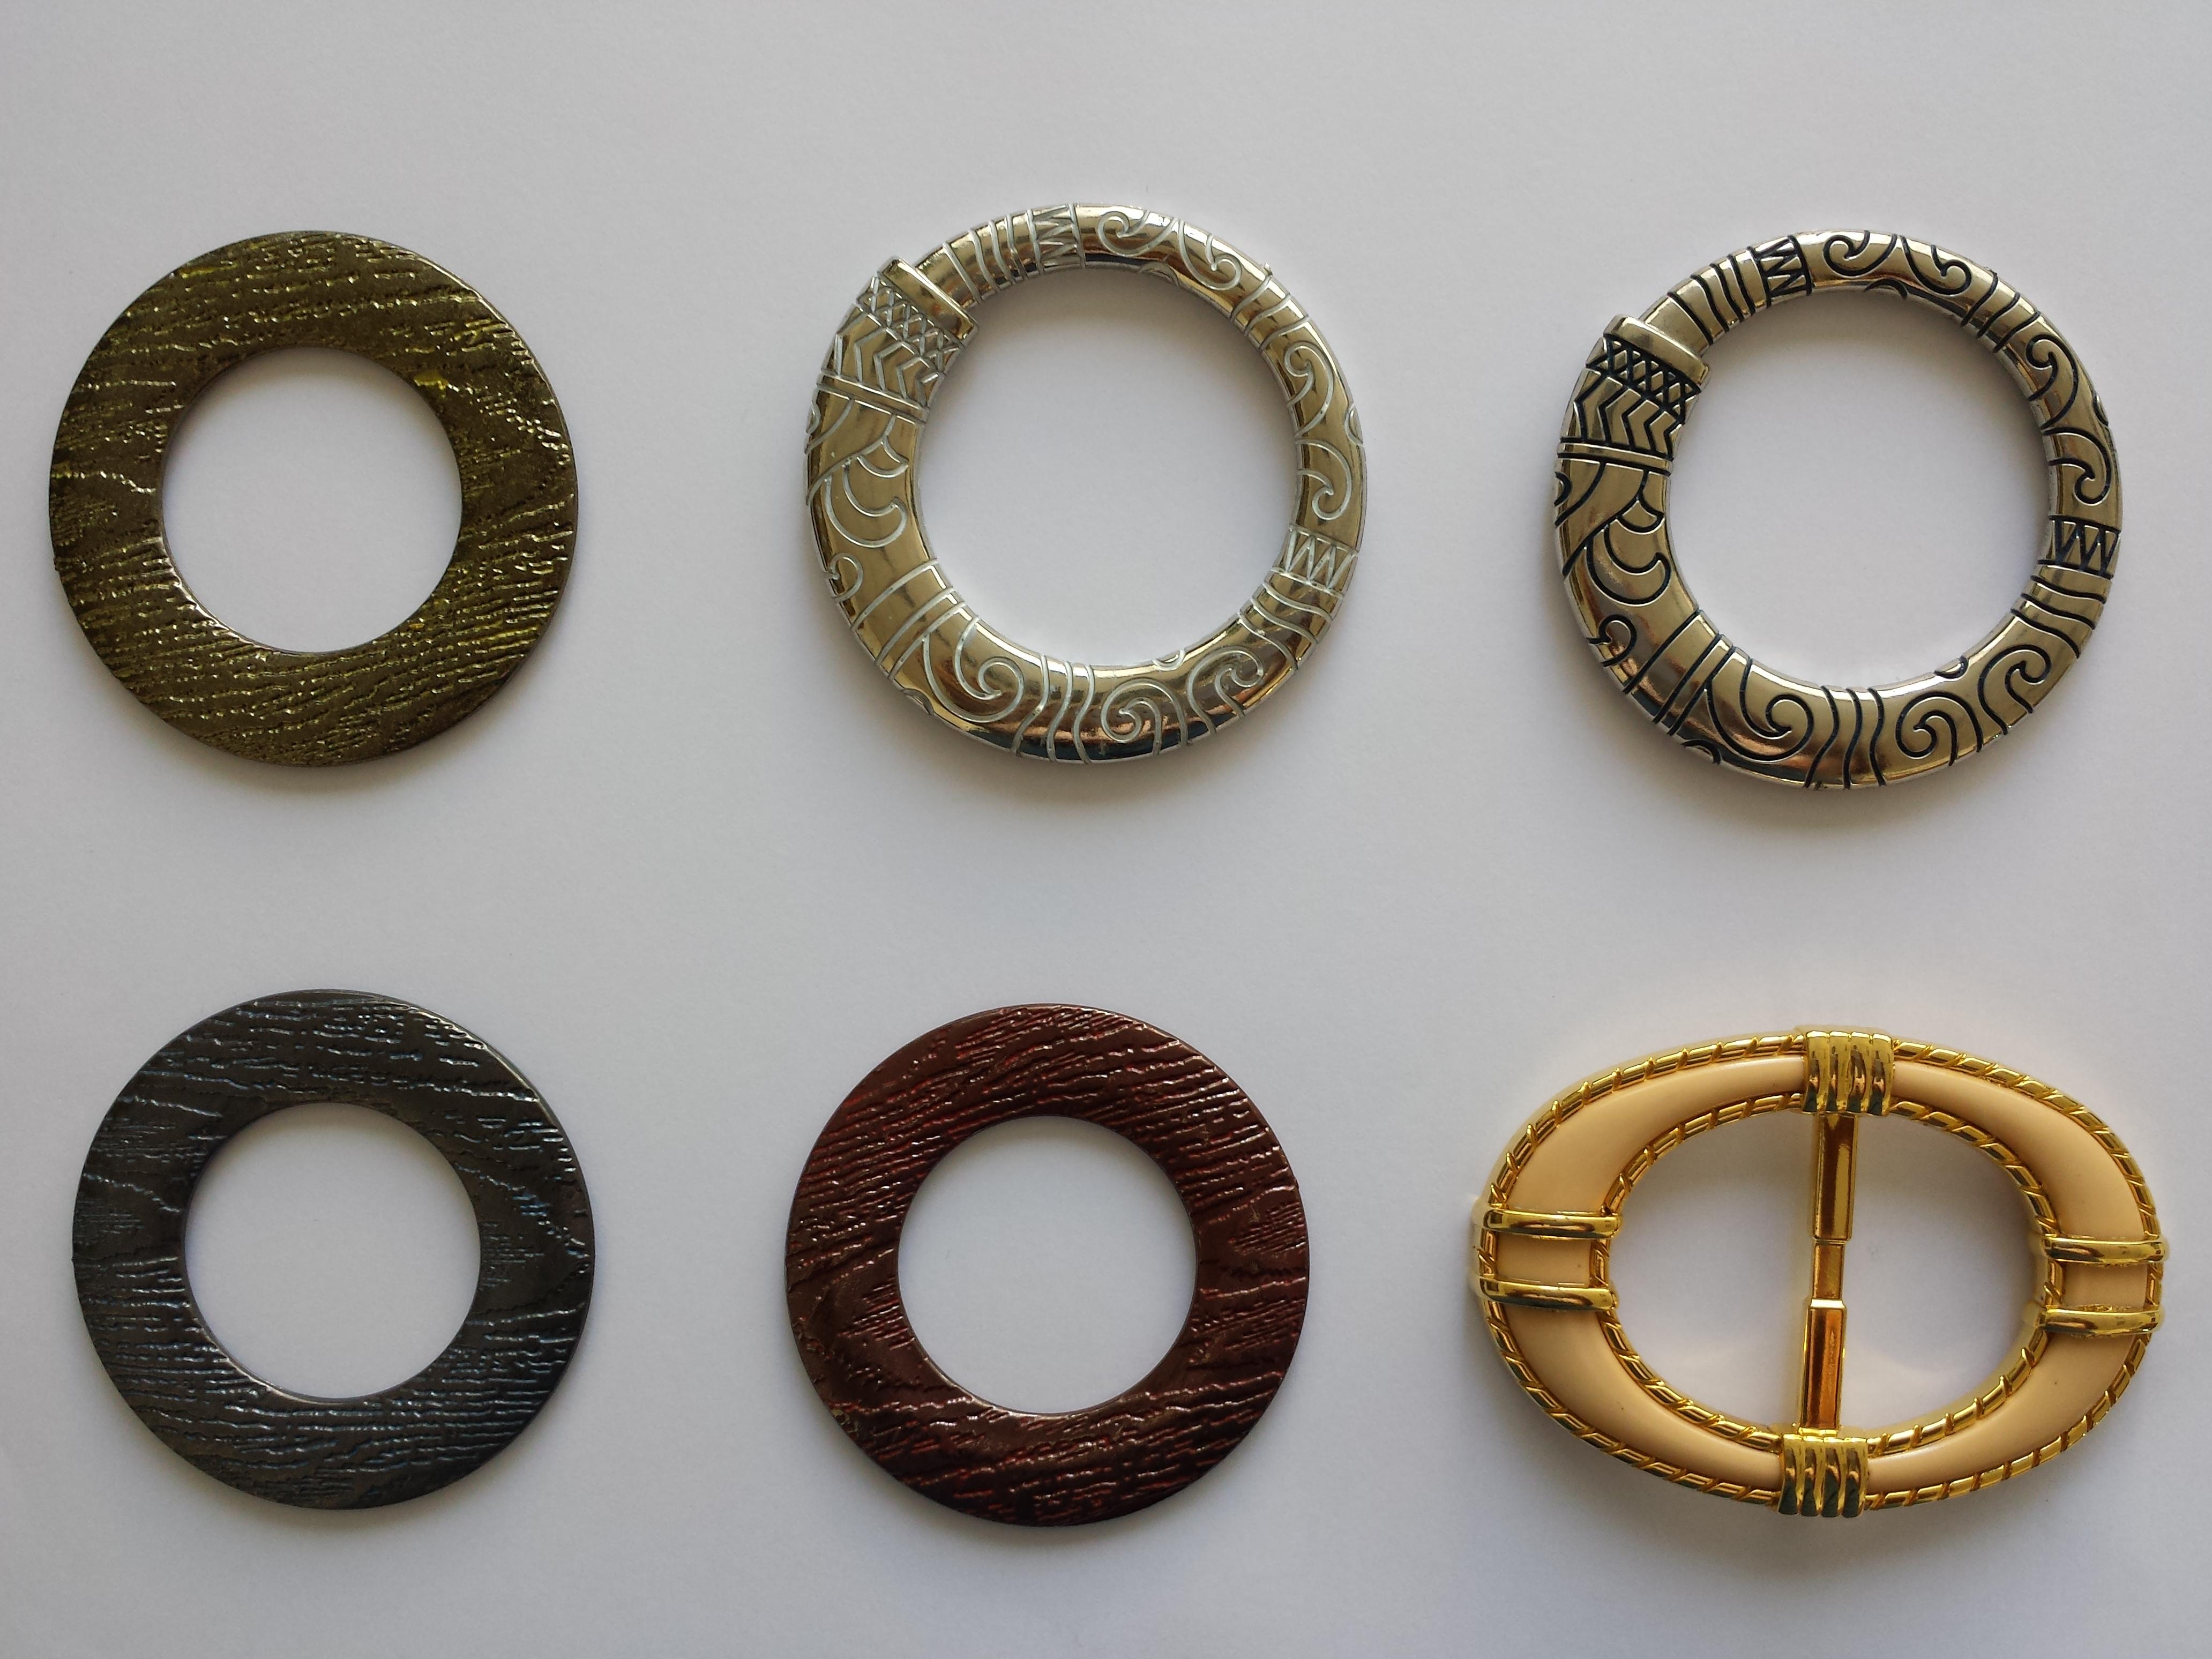 Esempi di finiture eseguite su accessori vari per il settore moda